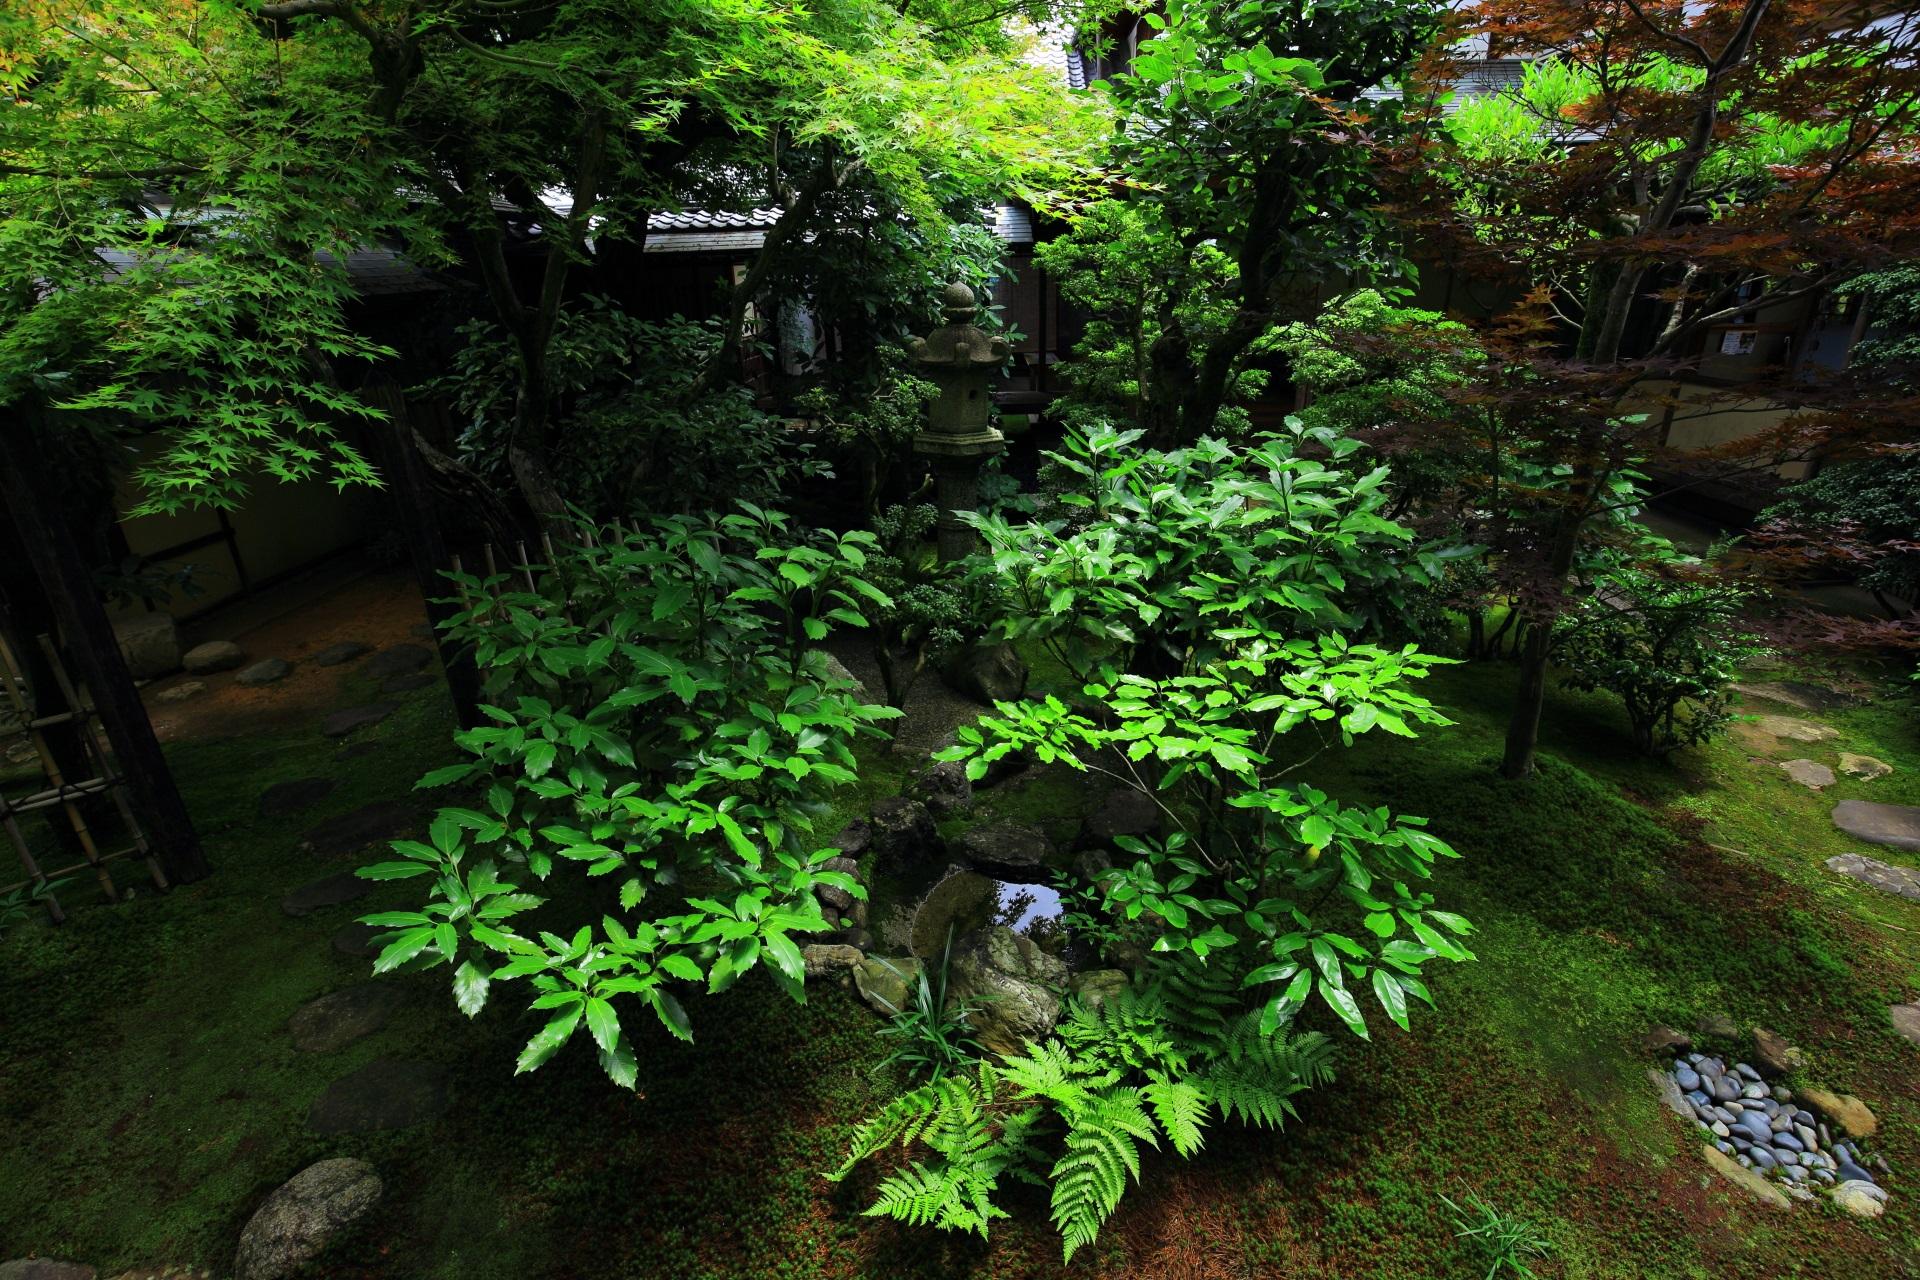 鮮やかで多彩な緑が溢れている興臨院の中庭